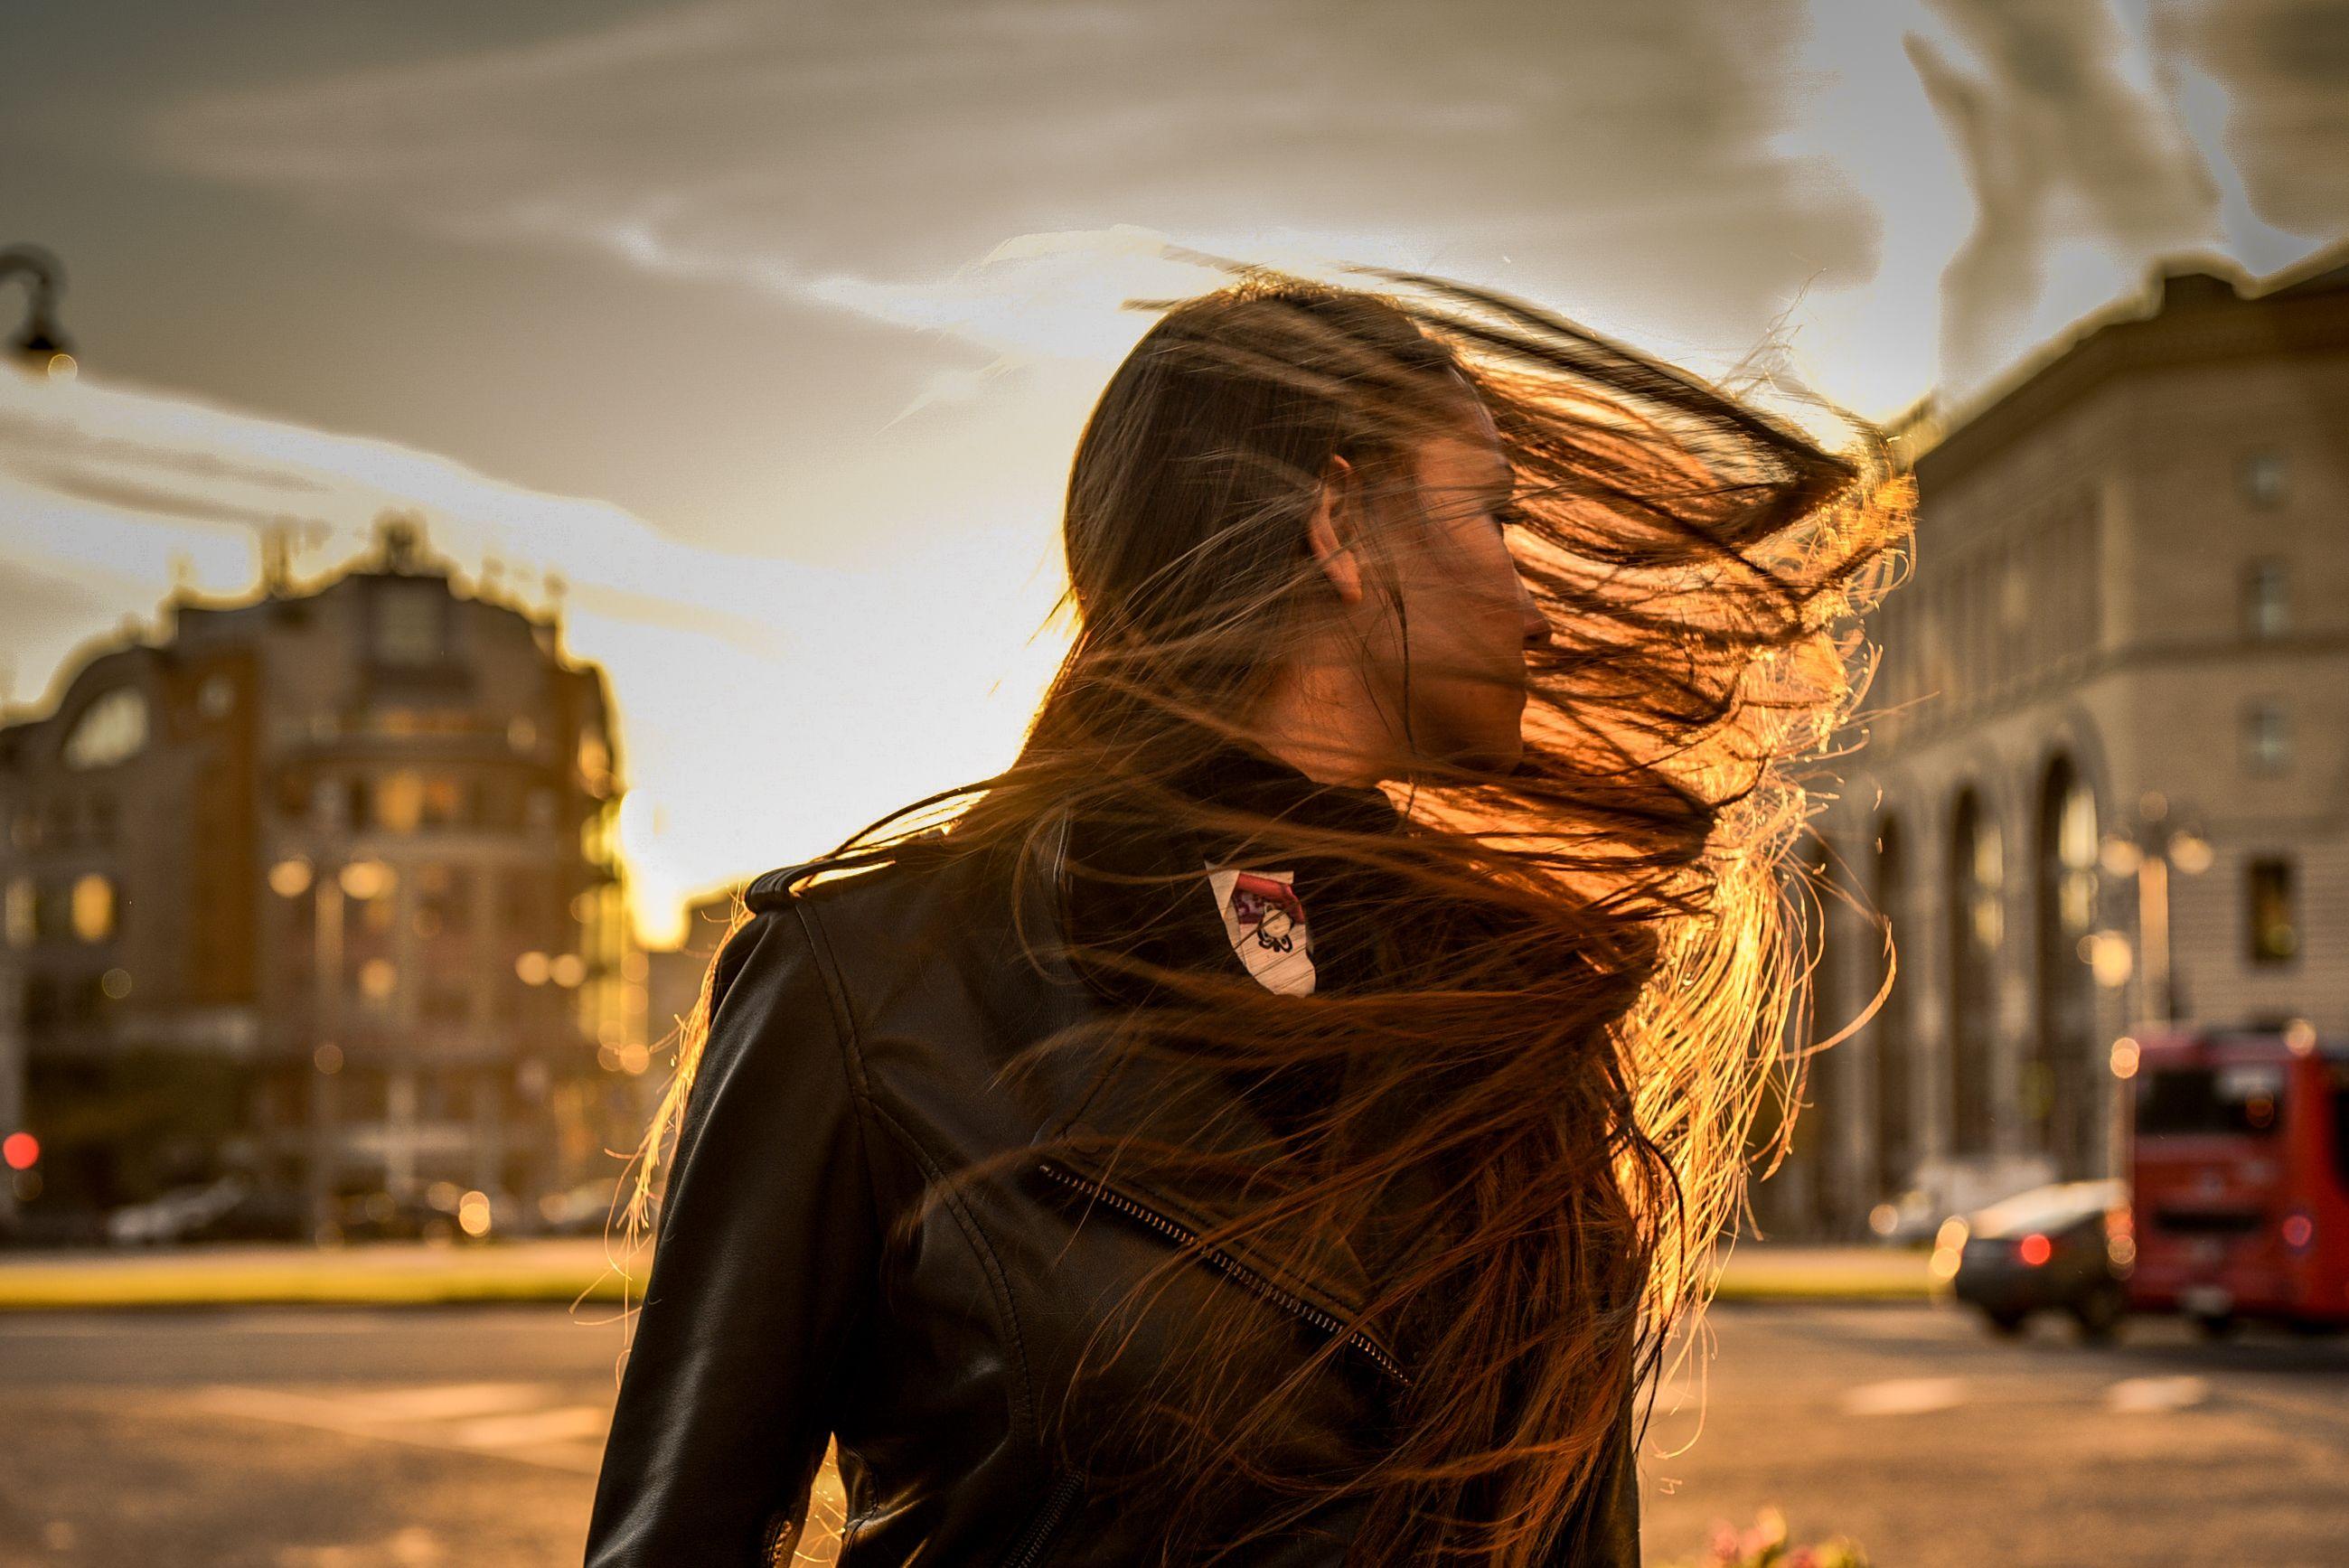 Москвичей предупредили об опасном ветре 19 декабря